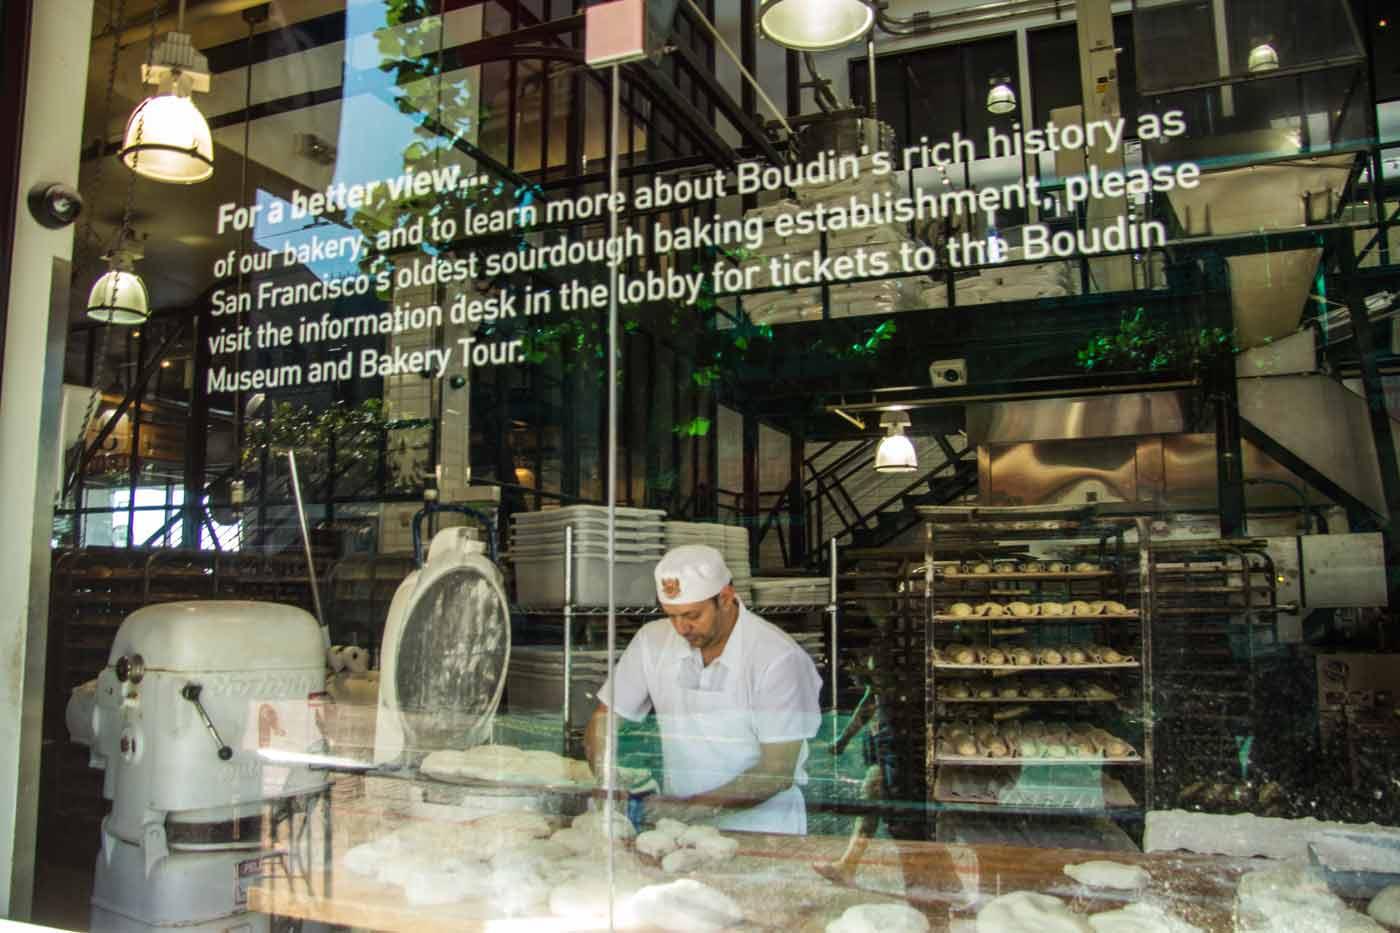 Boudin Bakery & Cafe